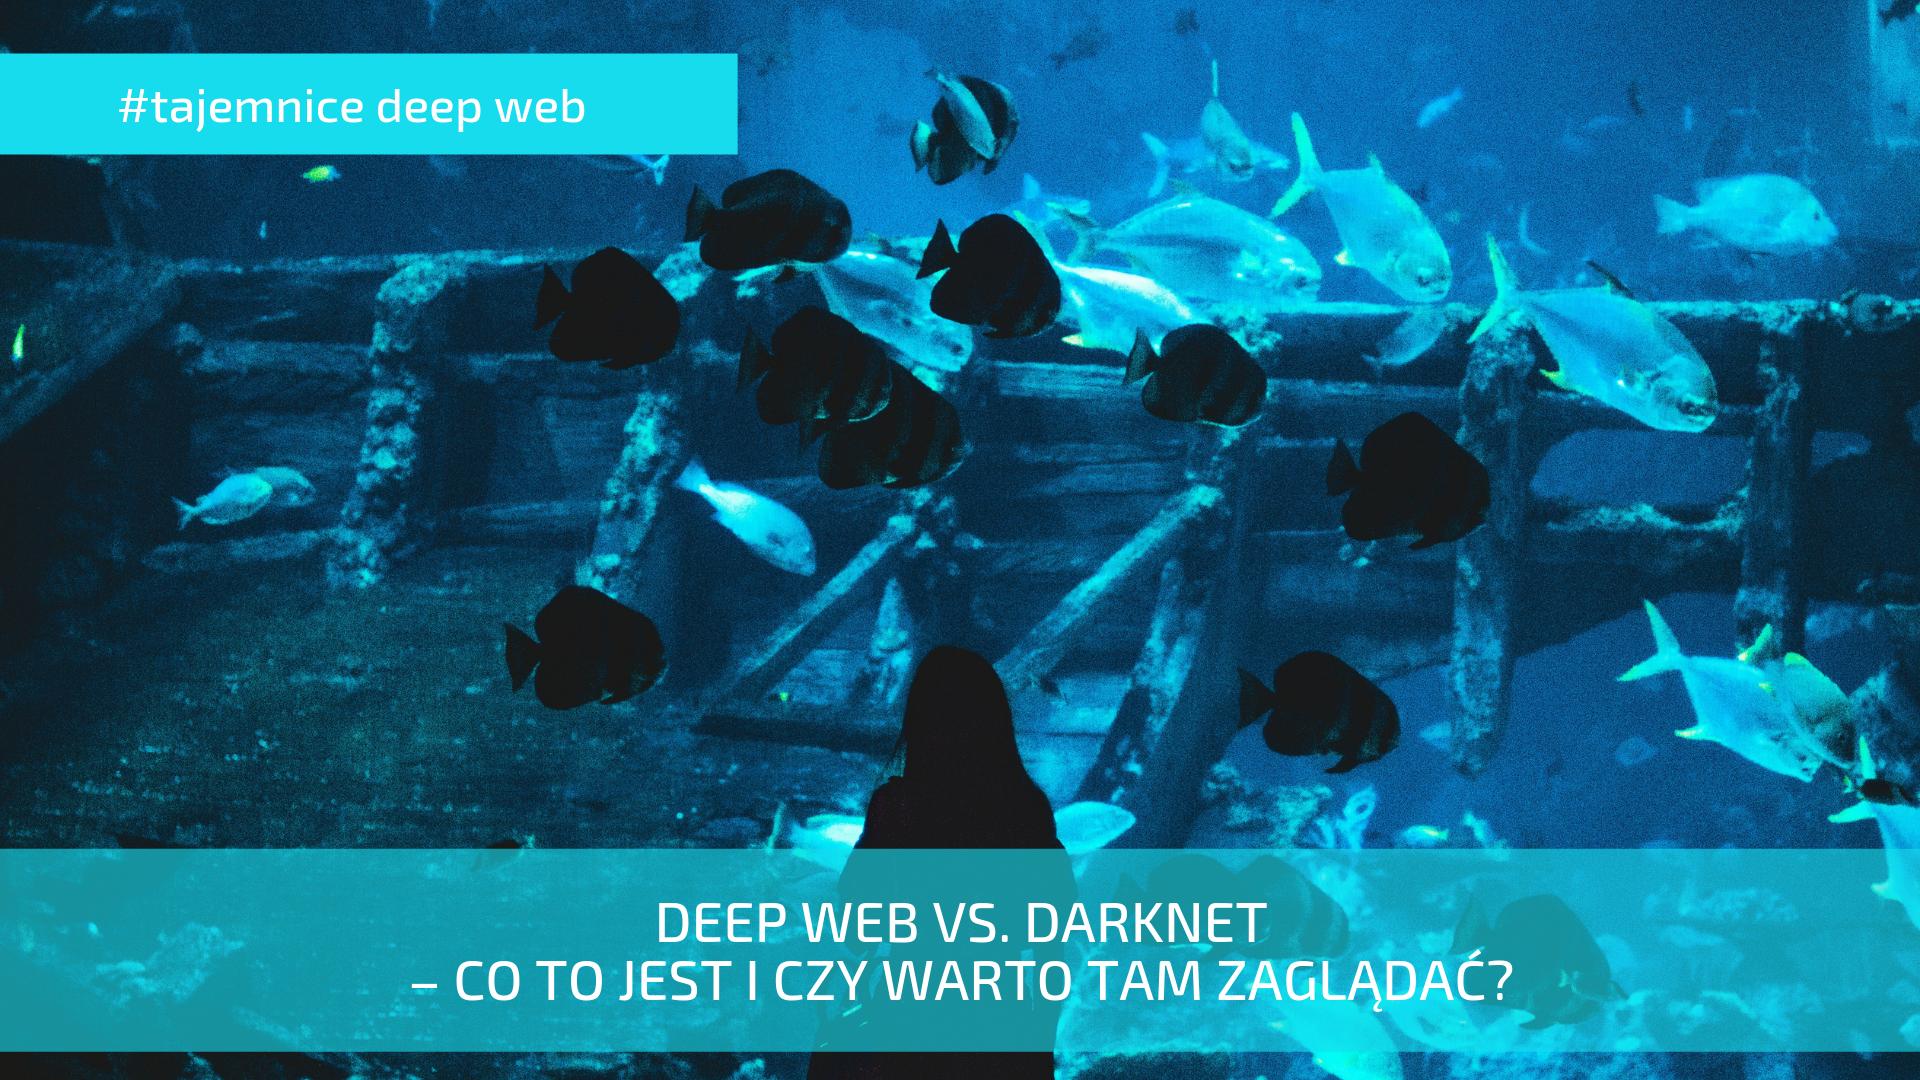 deeb web vs darknet